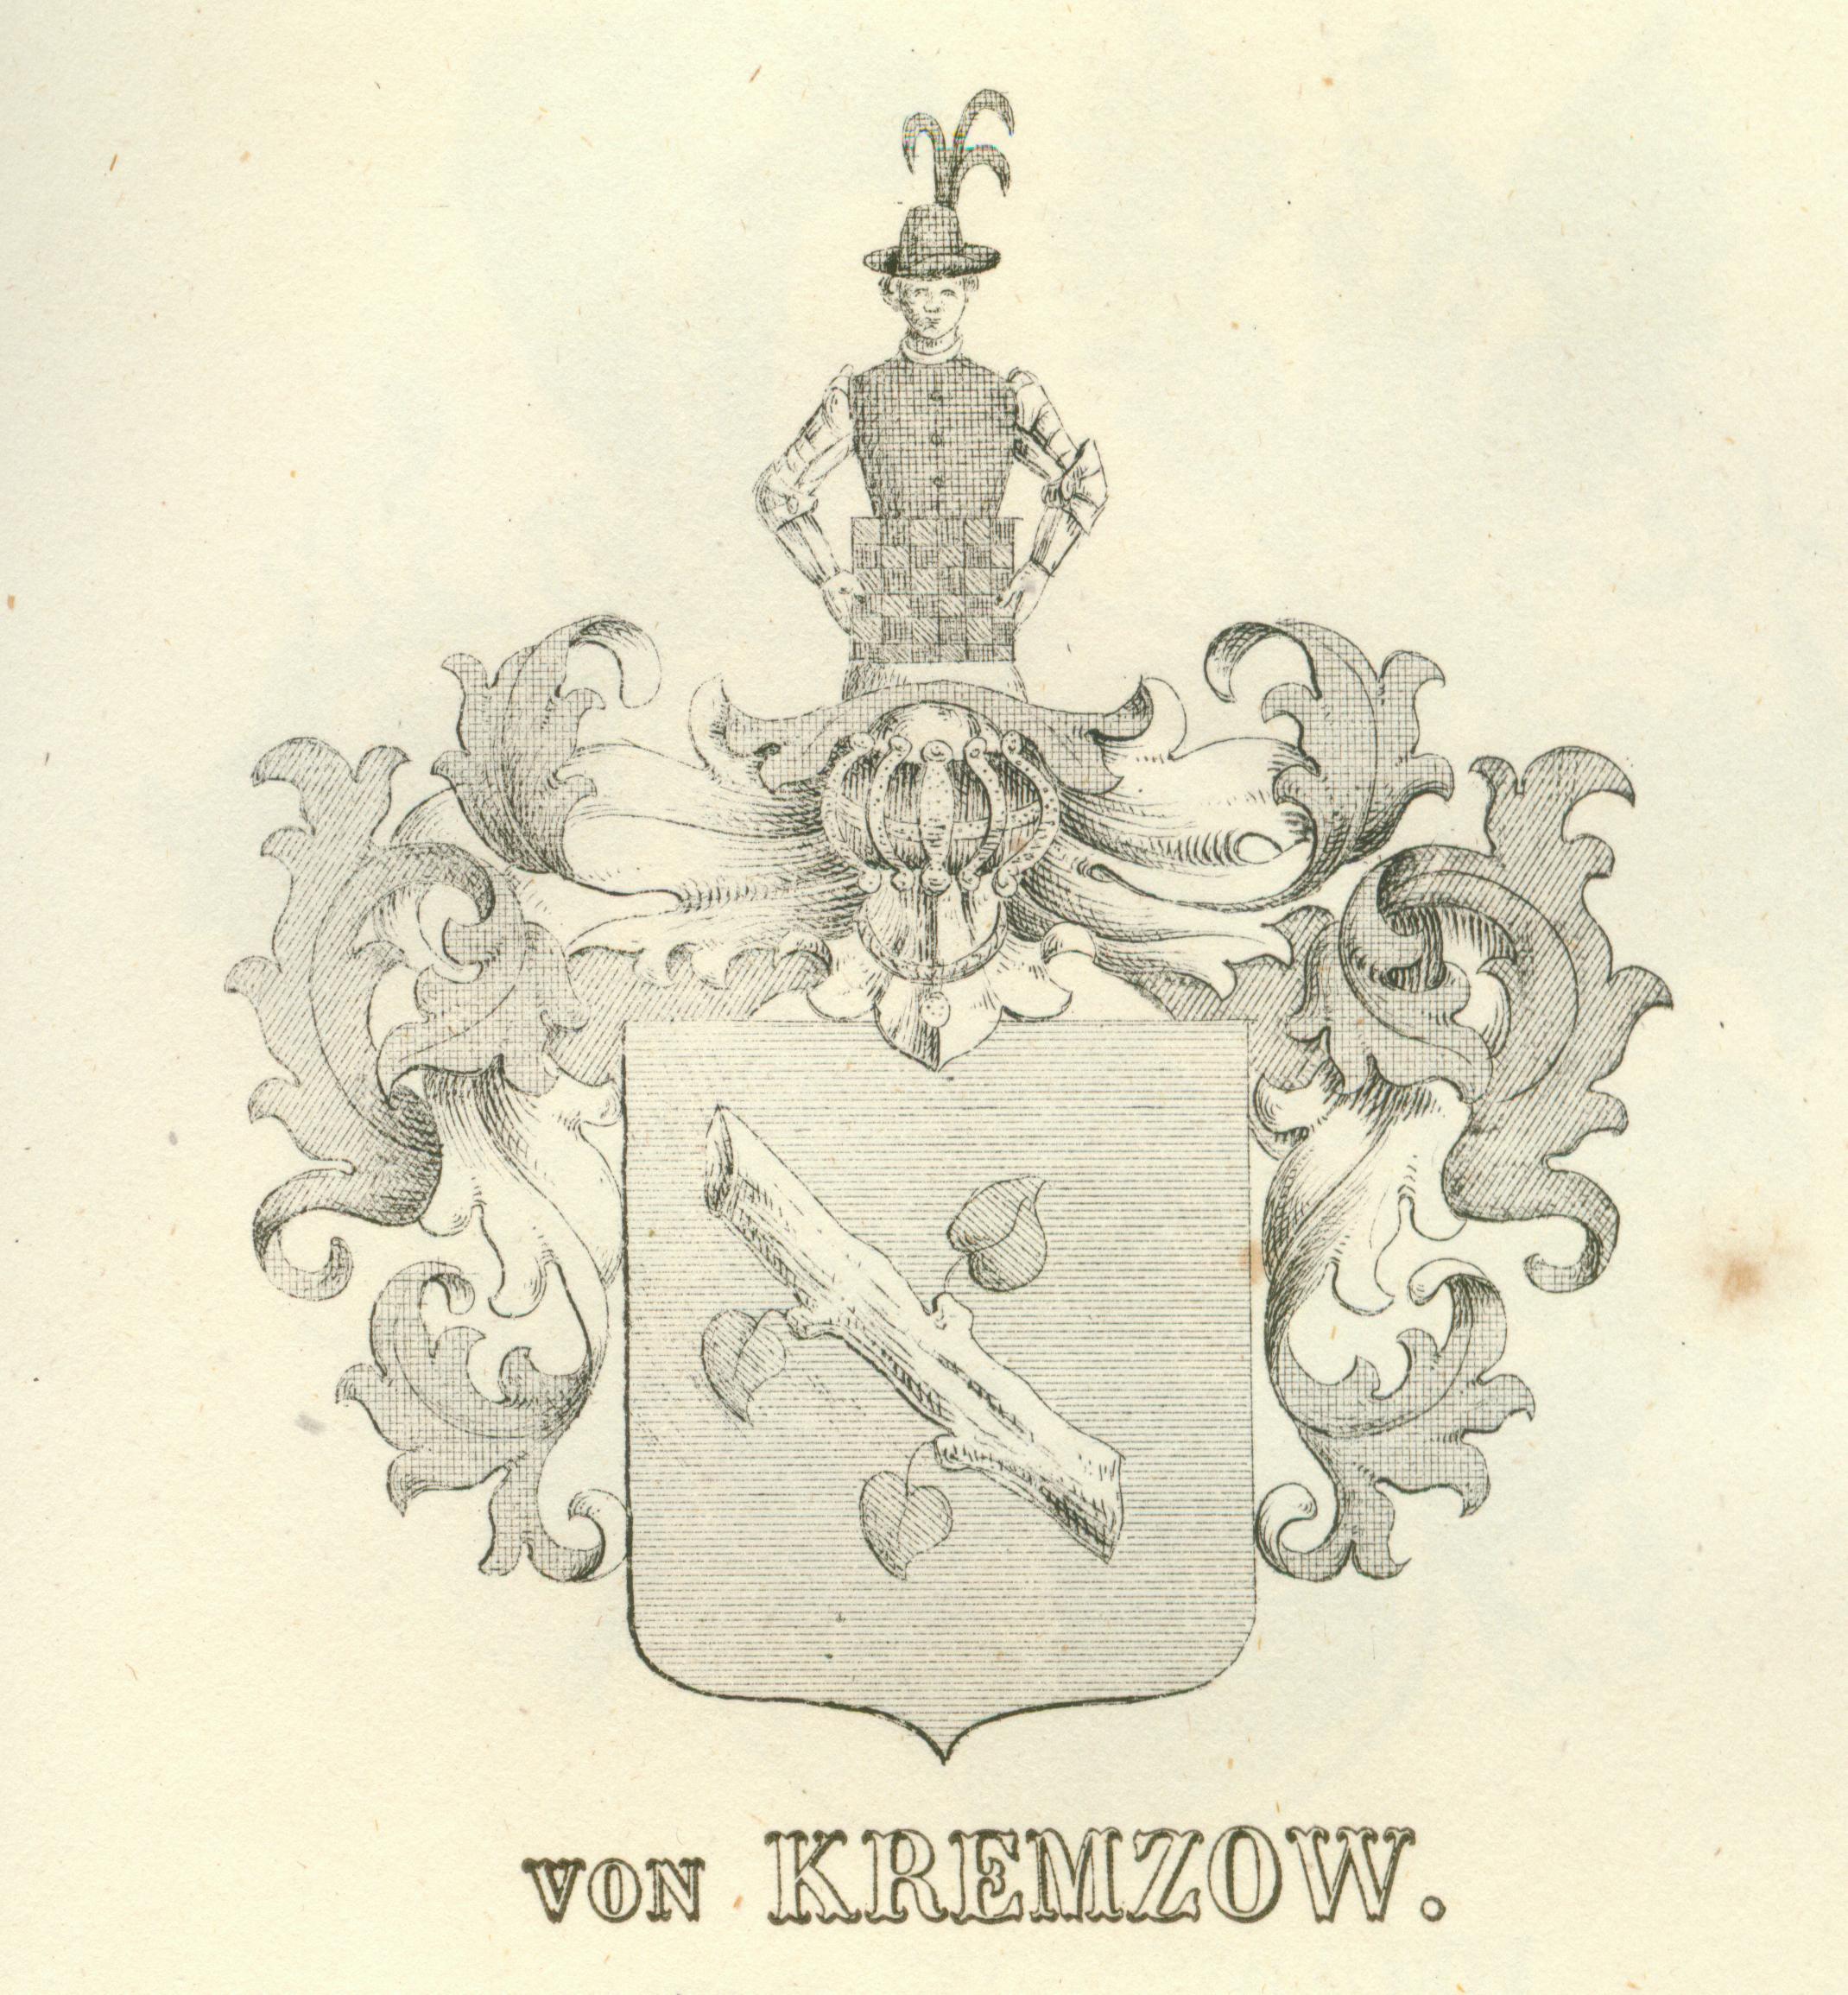 Kremzow